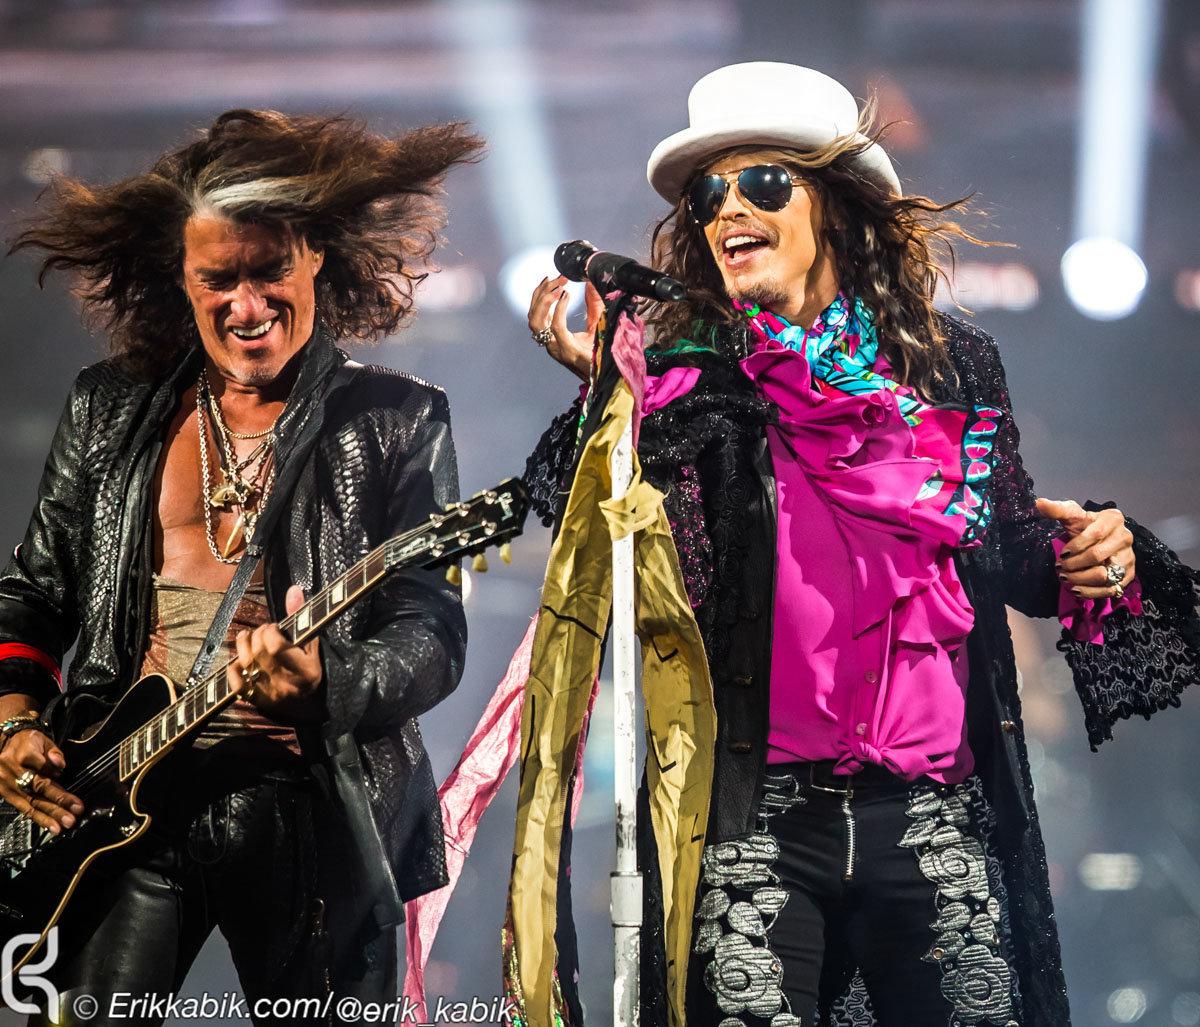 08_01_15_Aerosmith_MGM_kabik-23.jpg